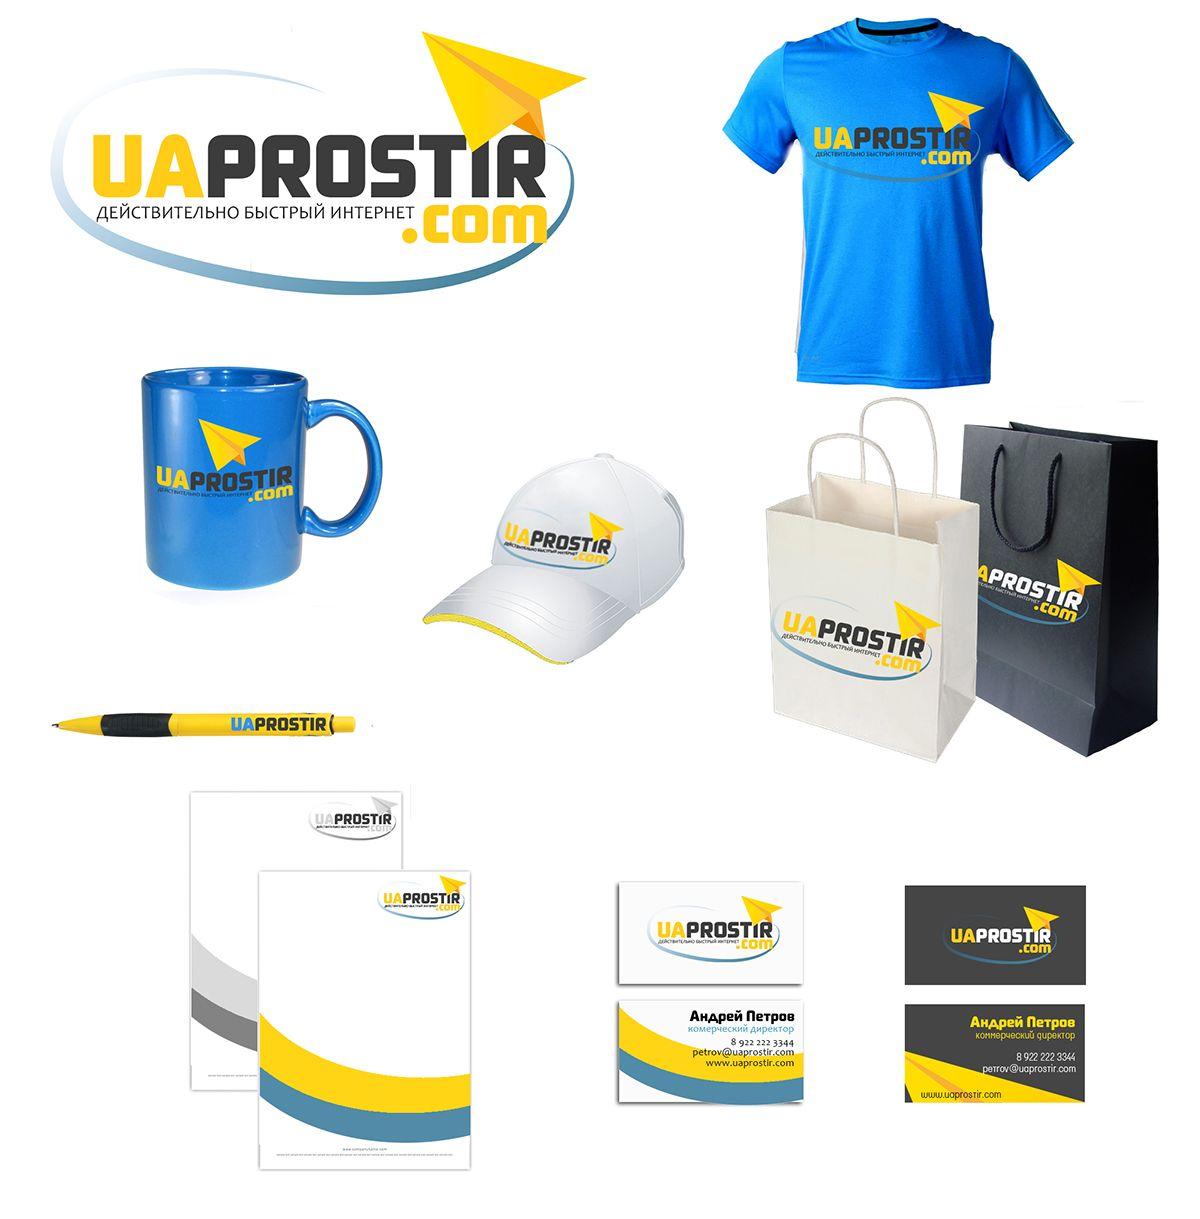 Логотип для UAProstir - дизайнер funkielevis